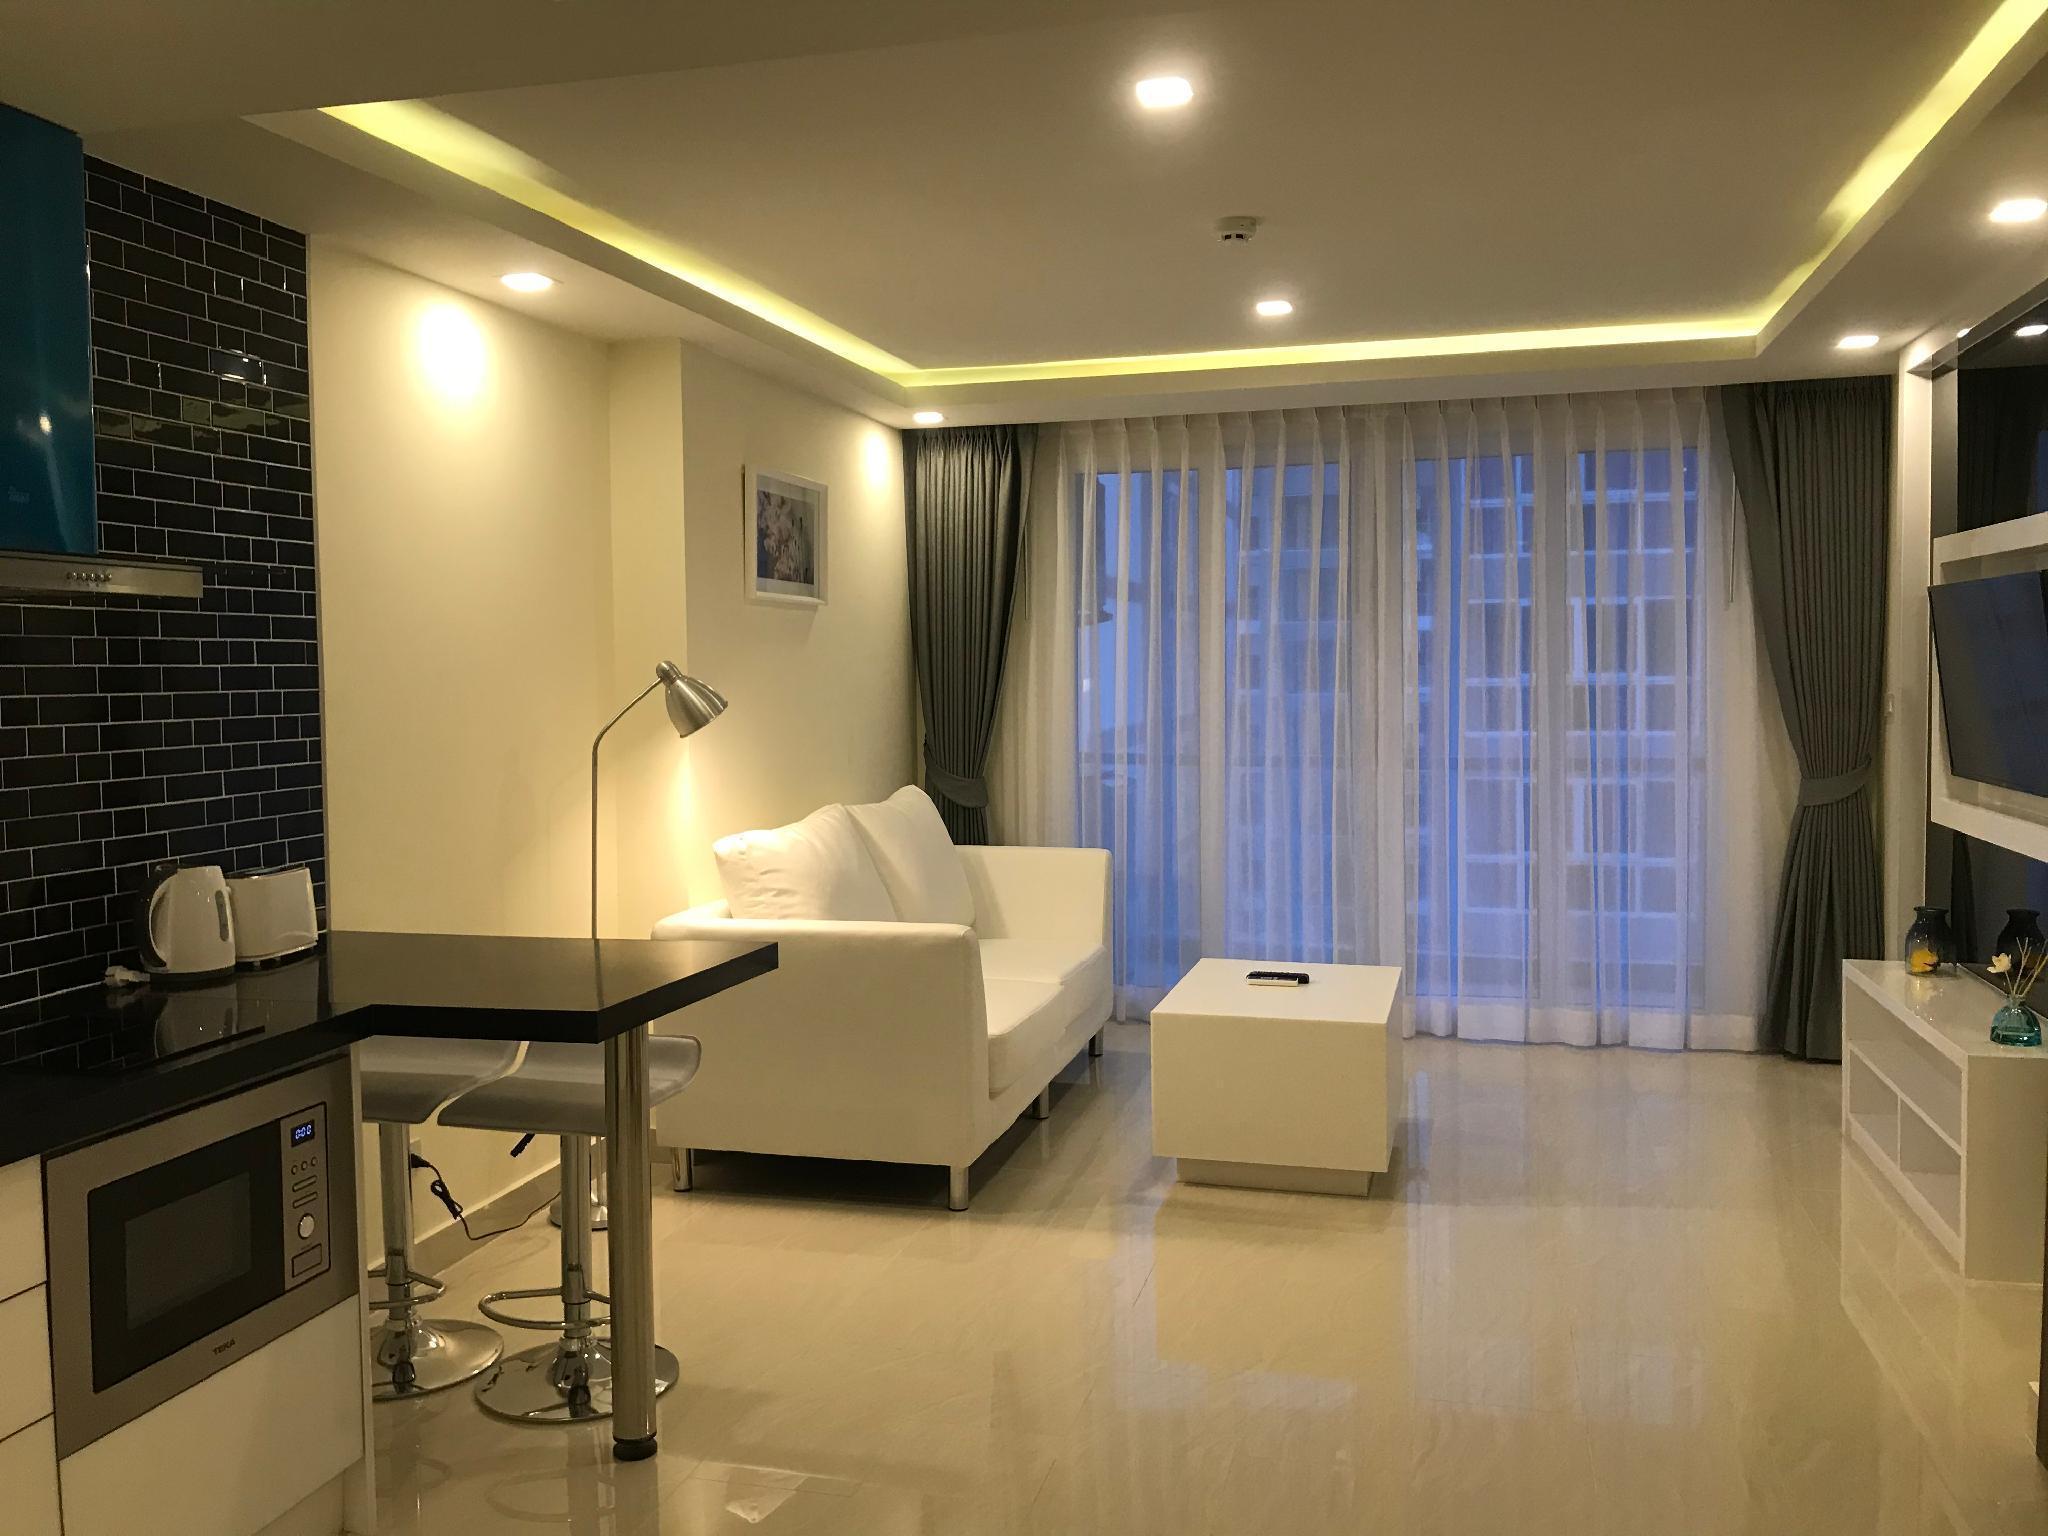 Quartier.15 Pattaya Grand Avenue Condo 65 อพาร์ตเมนต์ 1 ห้องนอน 1 ห้องน้ำส่วนตัว ขนาด 61 ตร.ม. – พัทยากลาง